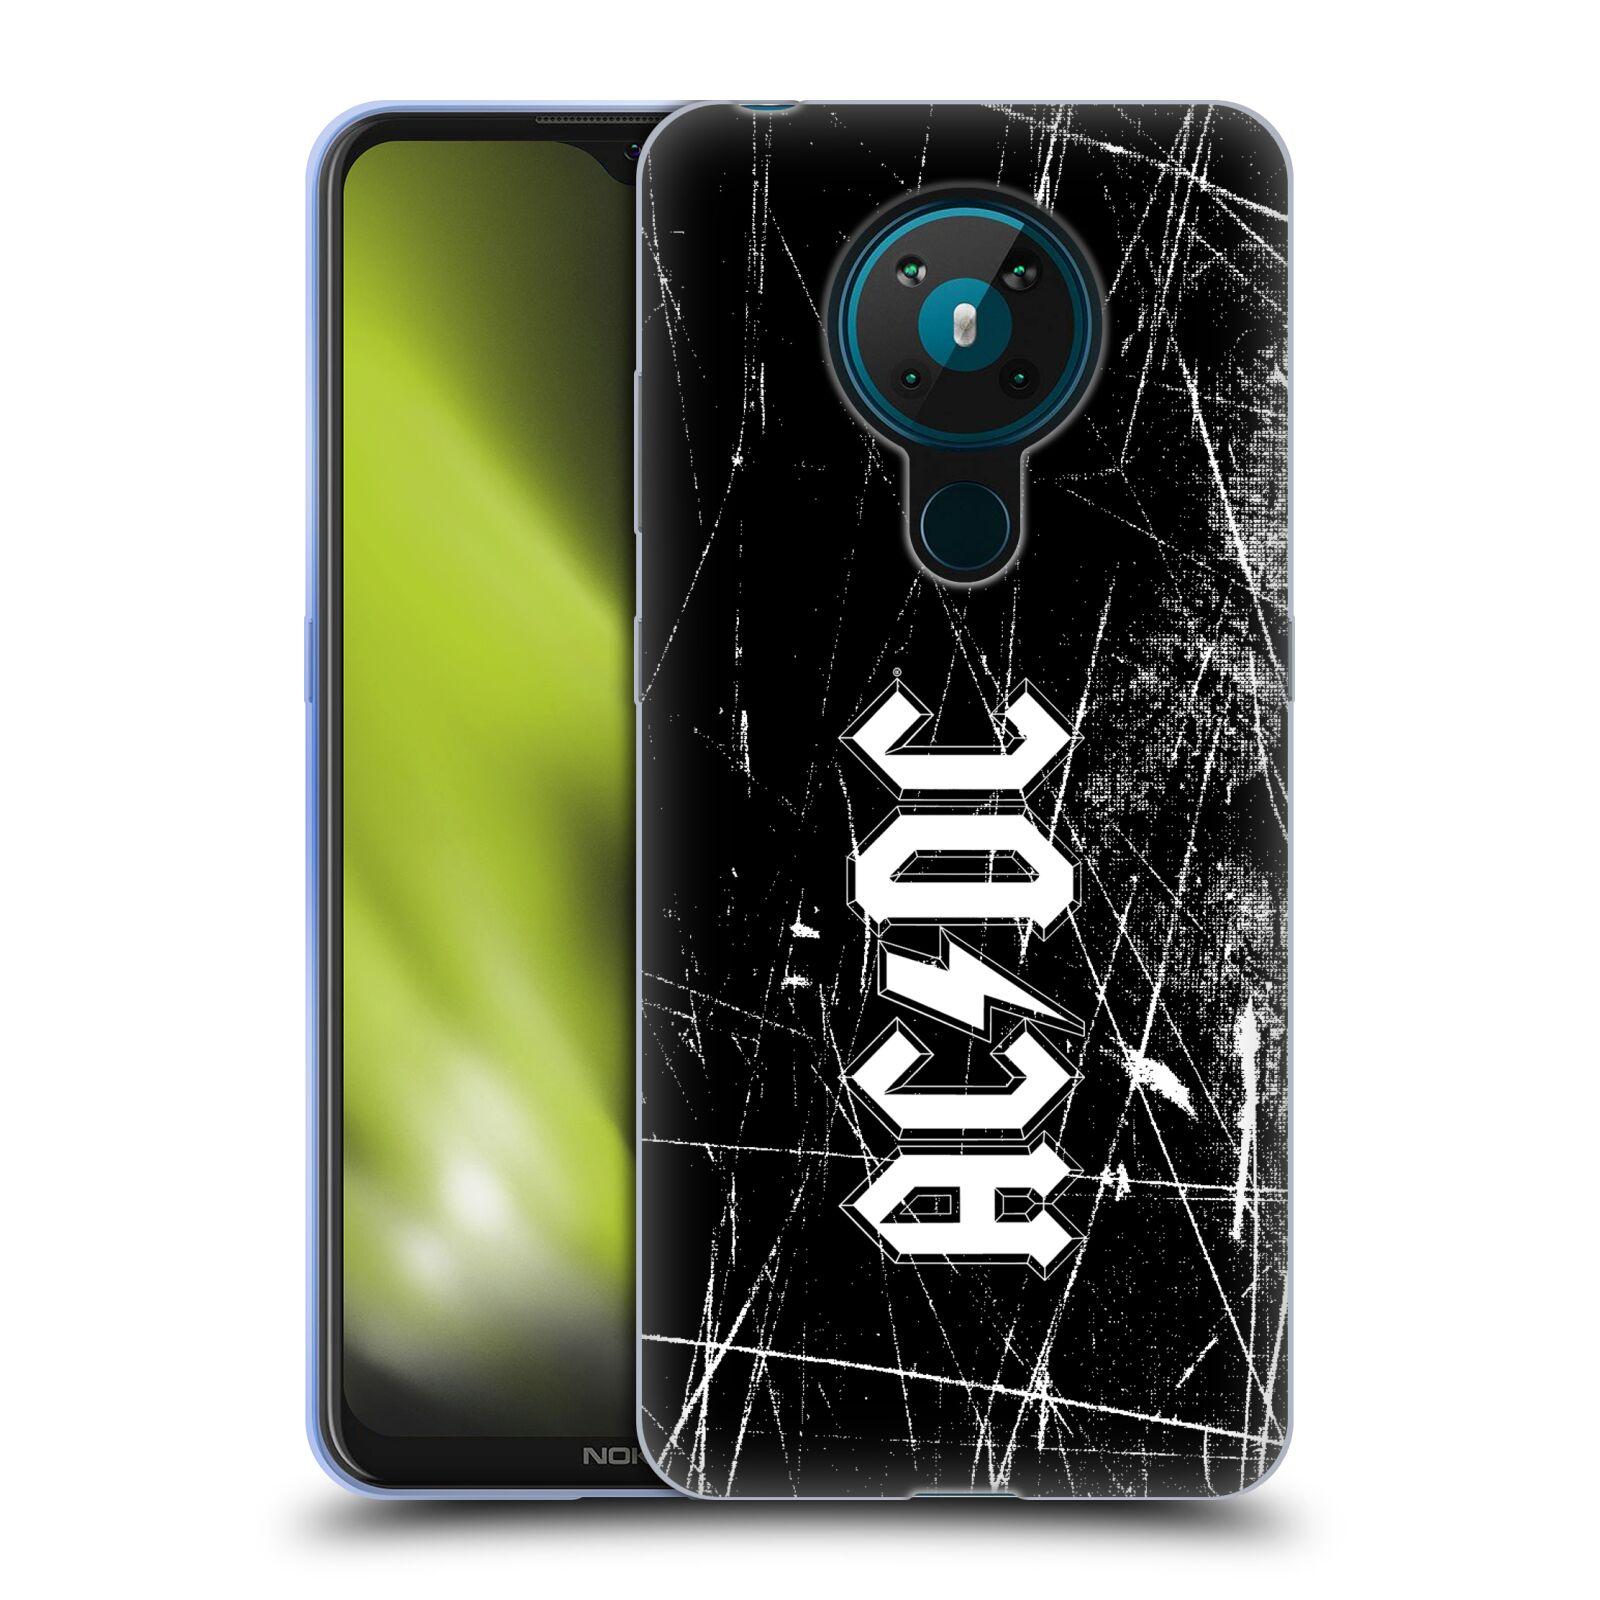 Silikonové pouzdro na mobil Nokia 5.3 - Head Case - AC/DC Černobílé logo